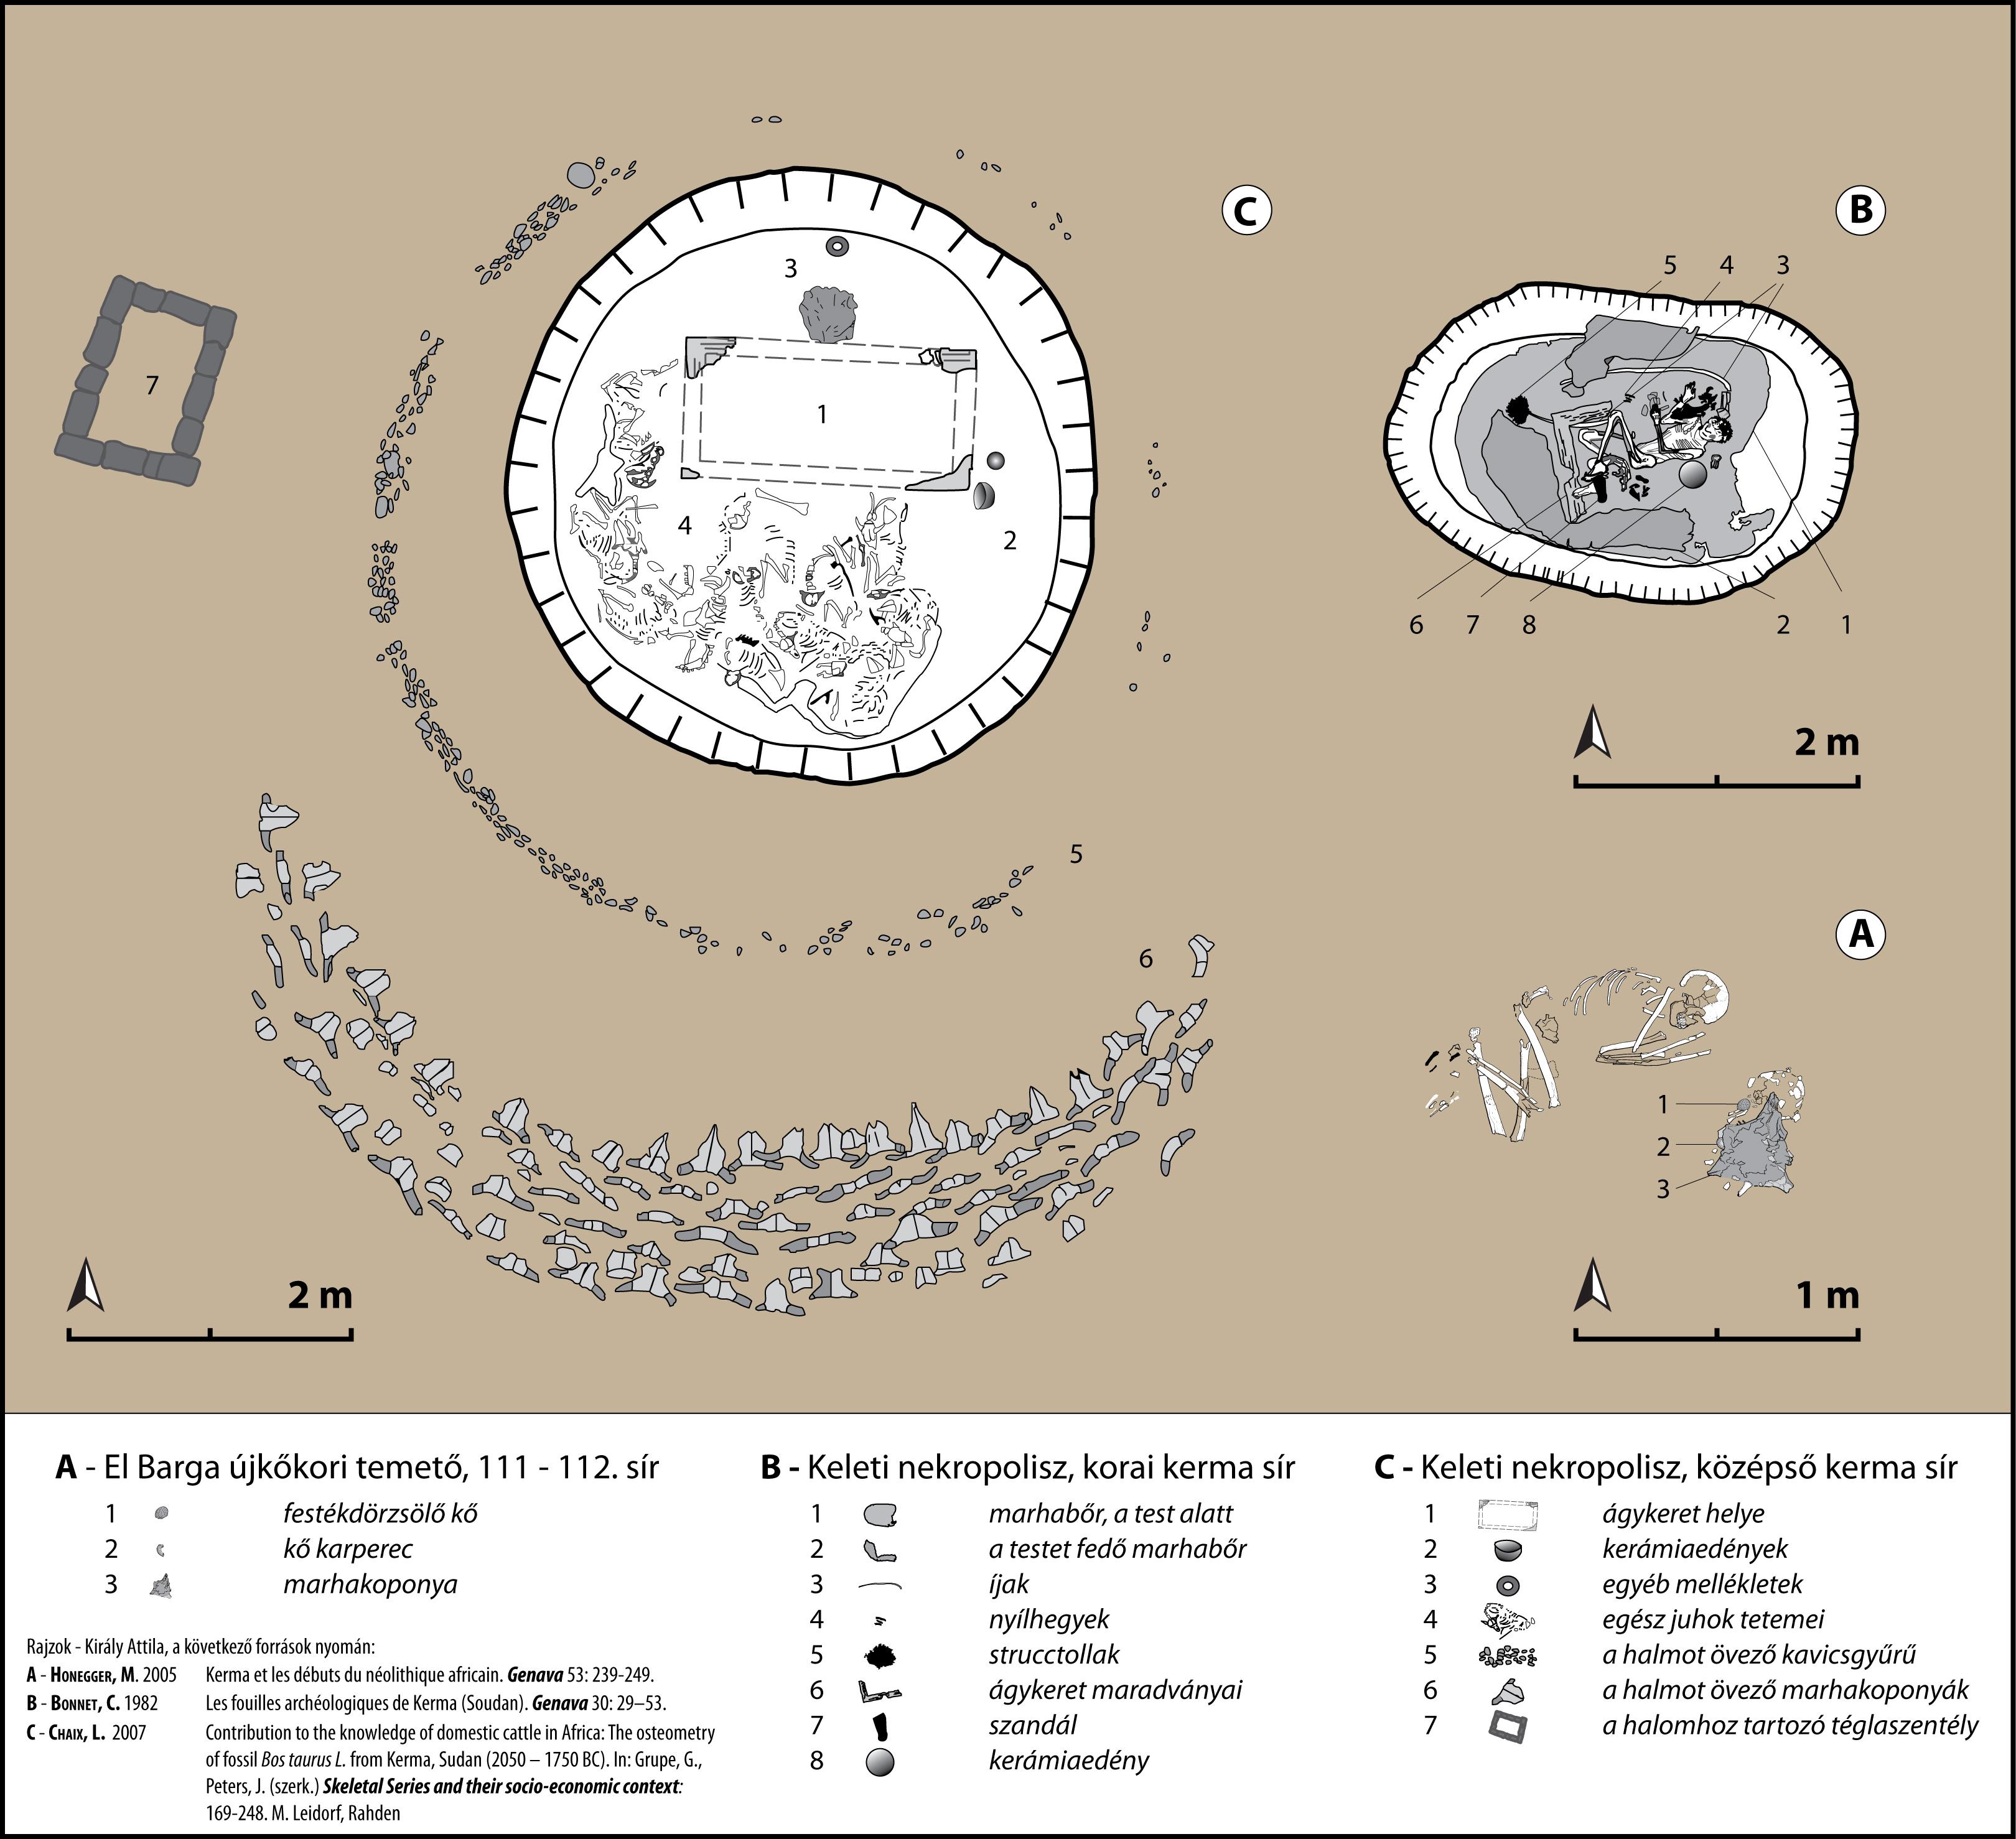 kerma-ka-fig-06-burials-cymk2